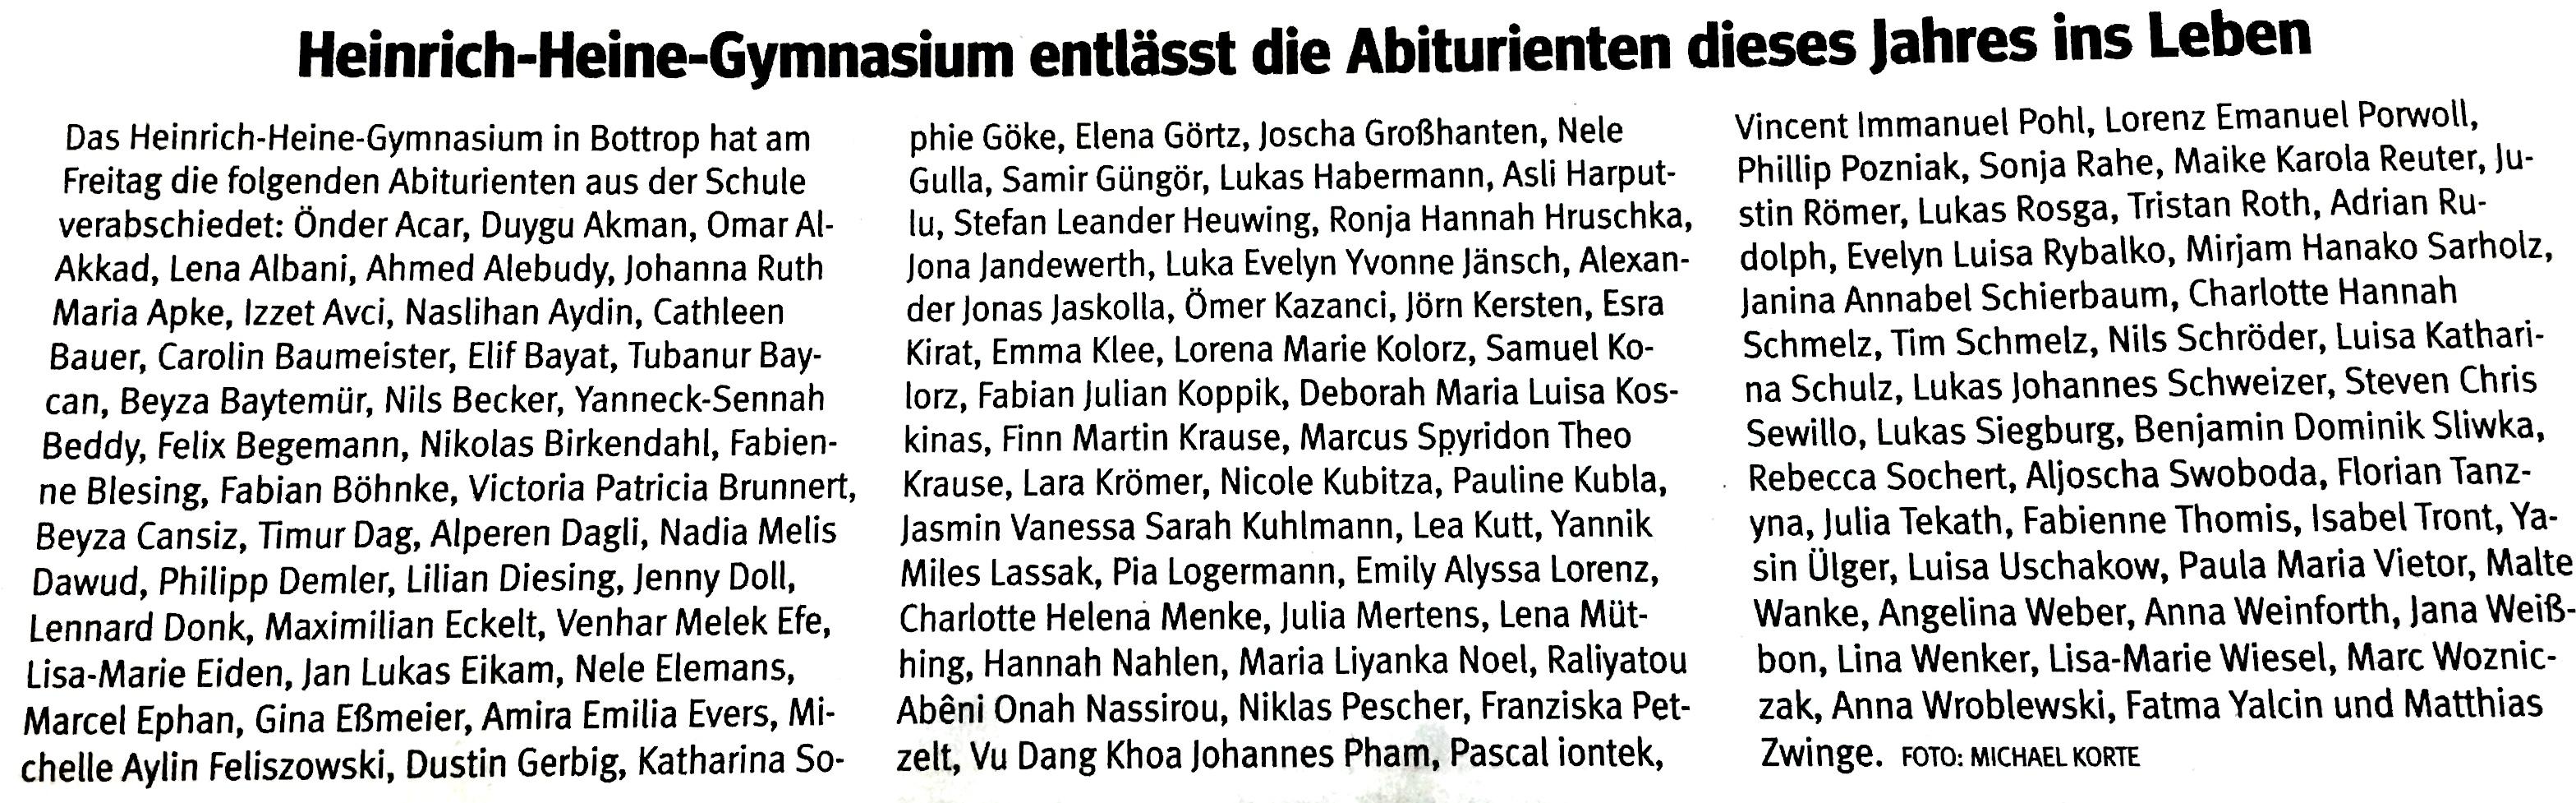 HHG Abi 2018_Namen